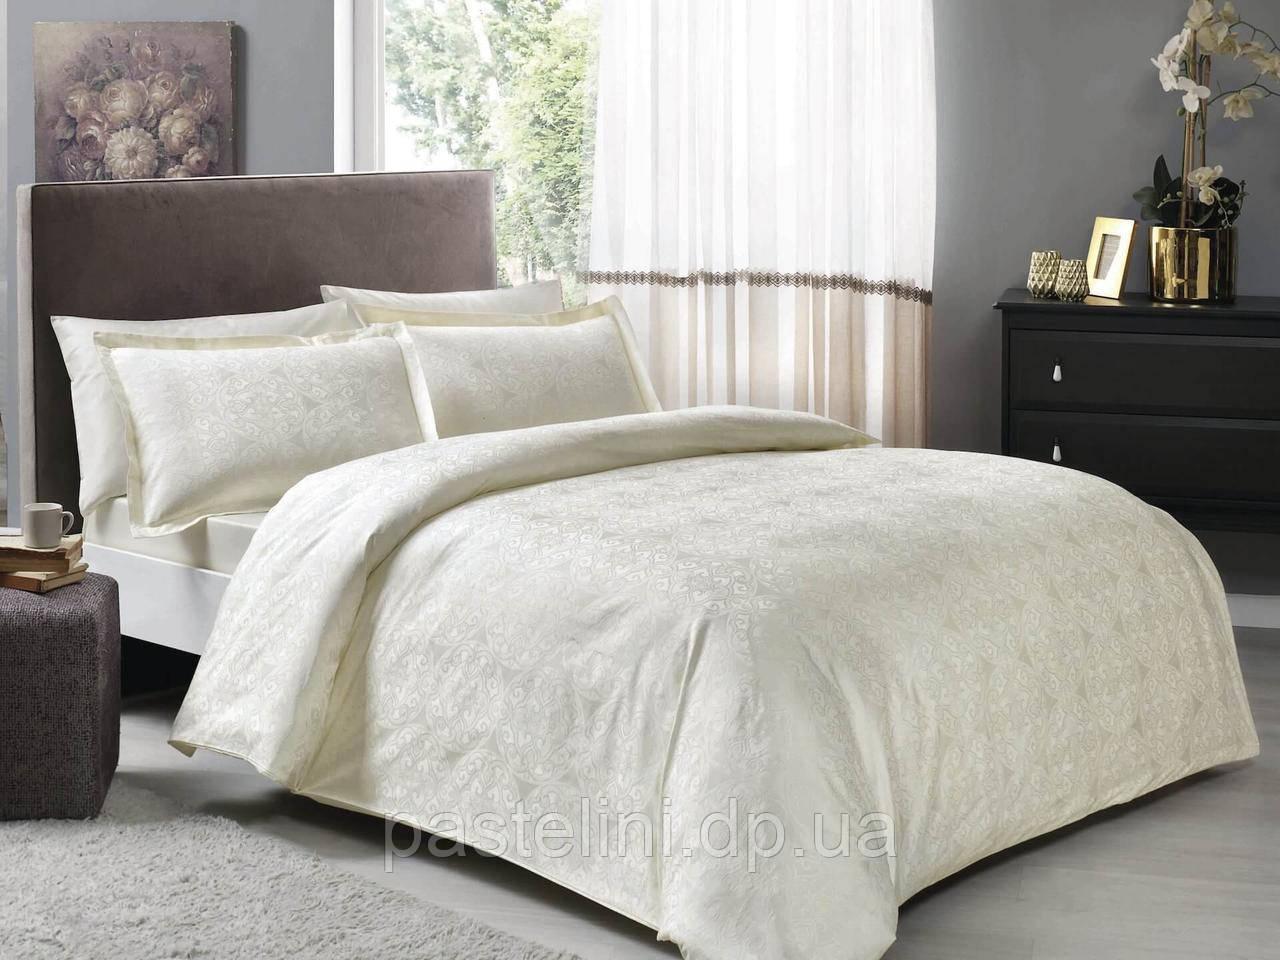 TAC Nodus krem  жаккардовый комплект постельного белья